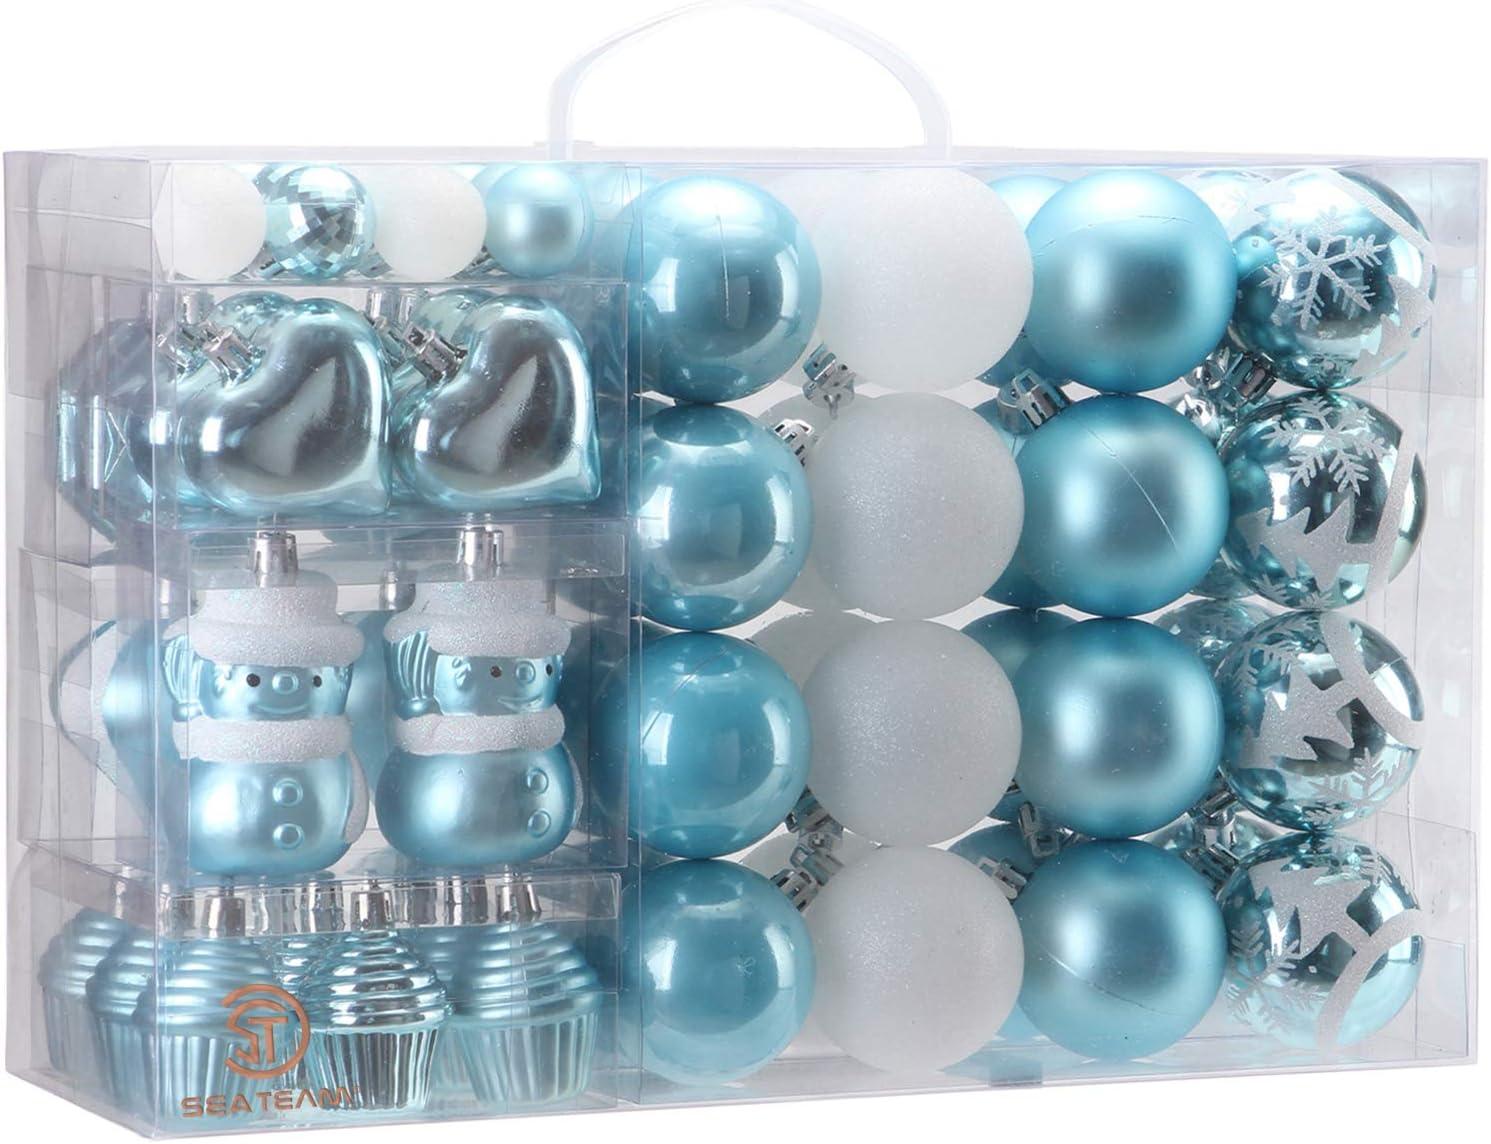 Sea Team 69 pcs Regalo de Adorno de Bola Navidades Inastillables en Festivos, Reutilizables, Paquete de Regalar portátil para Decorar el Arbol de Navidad